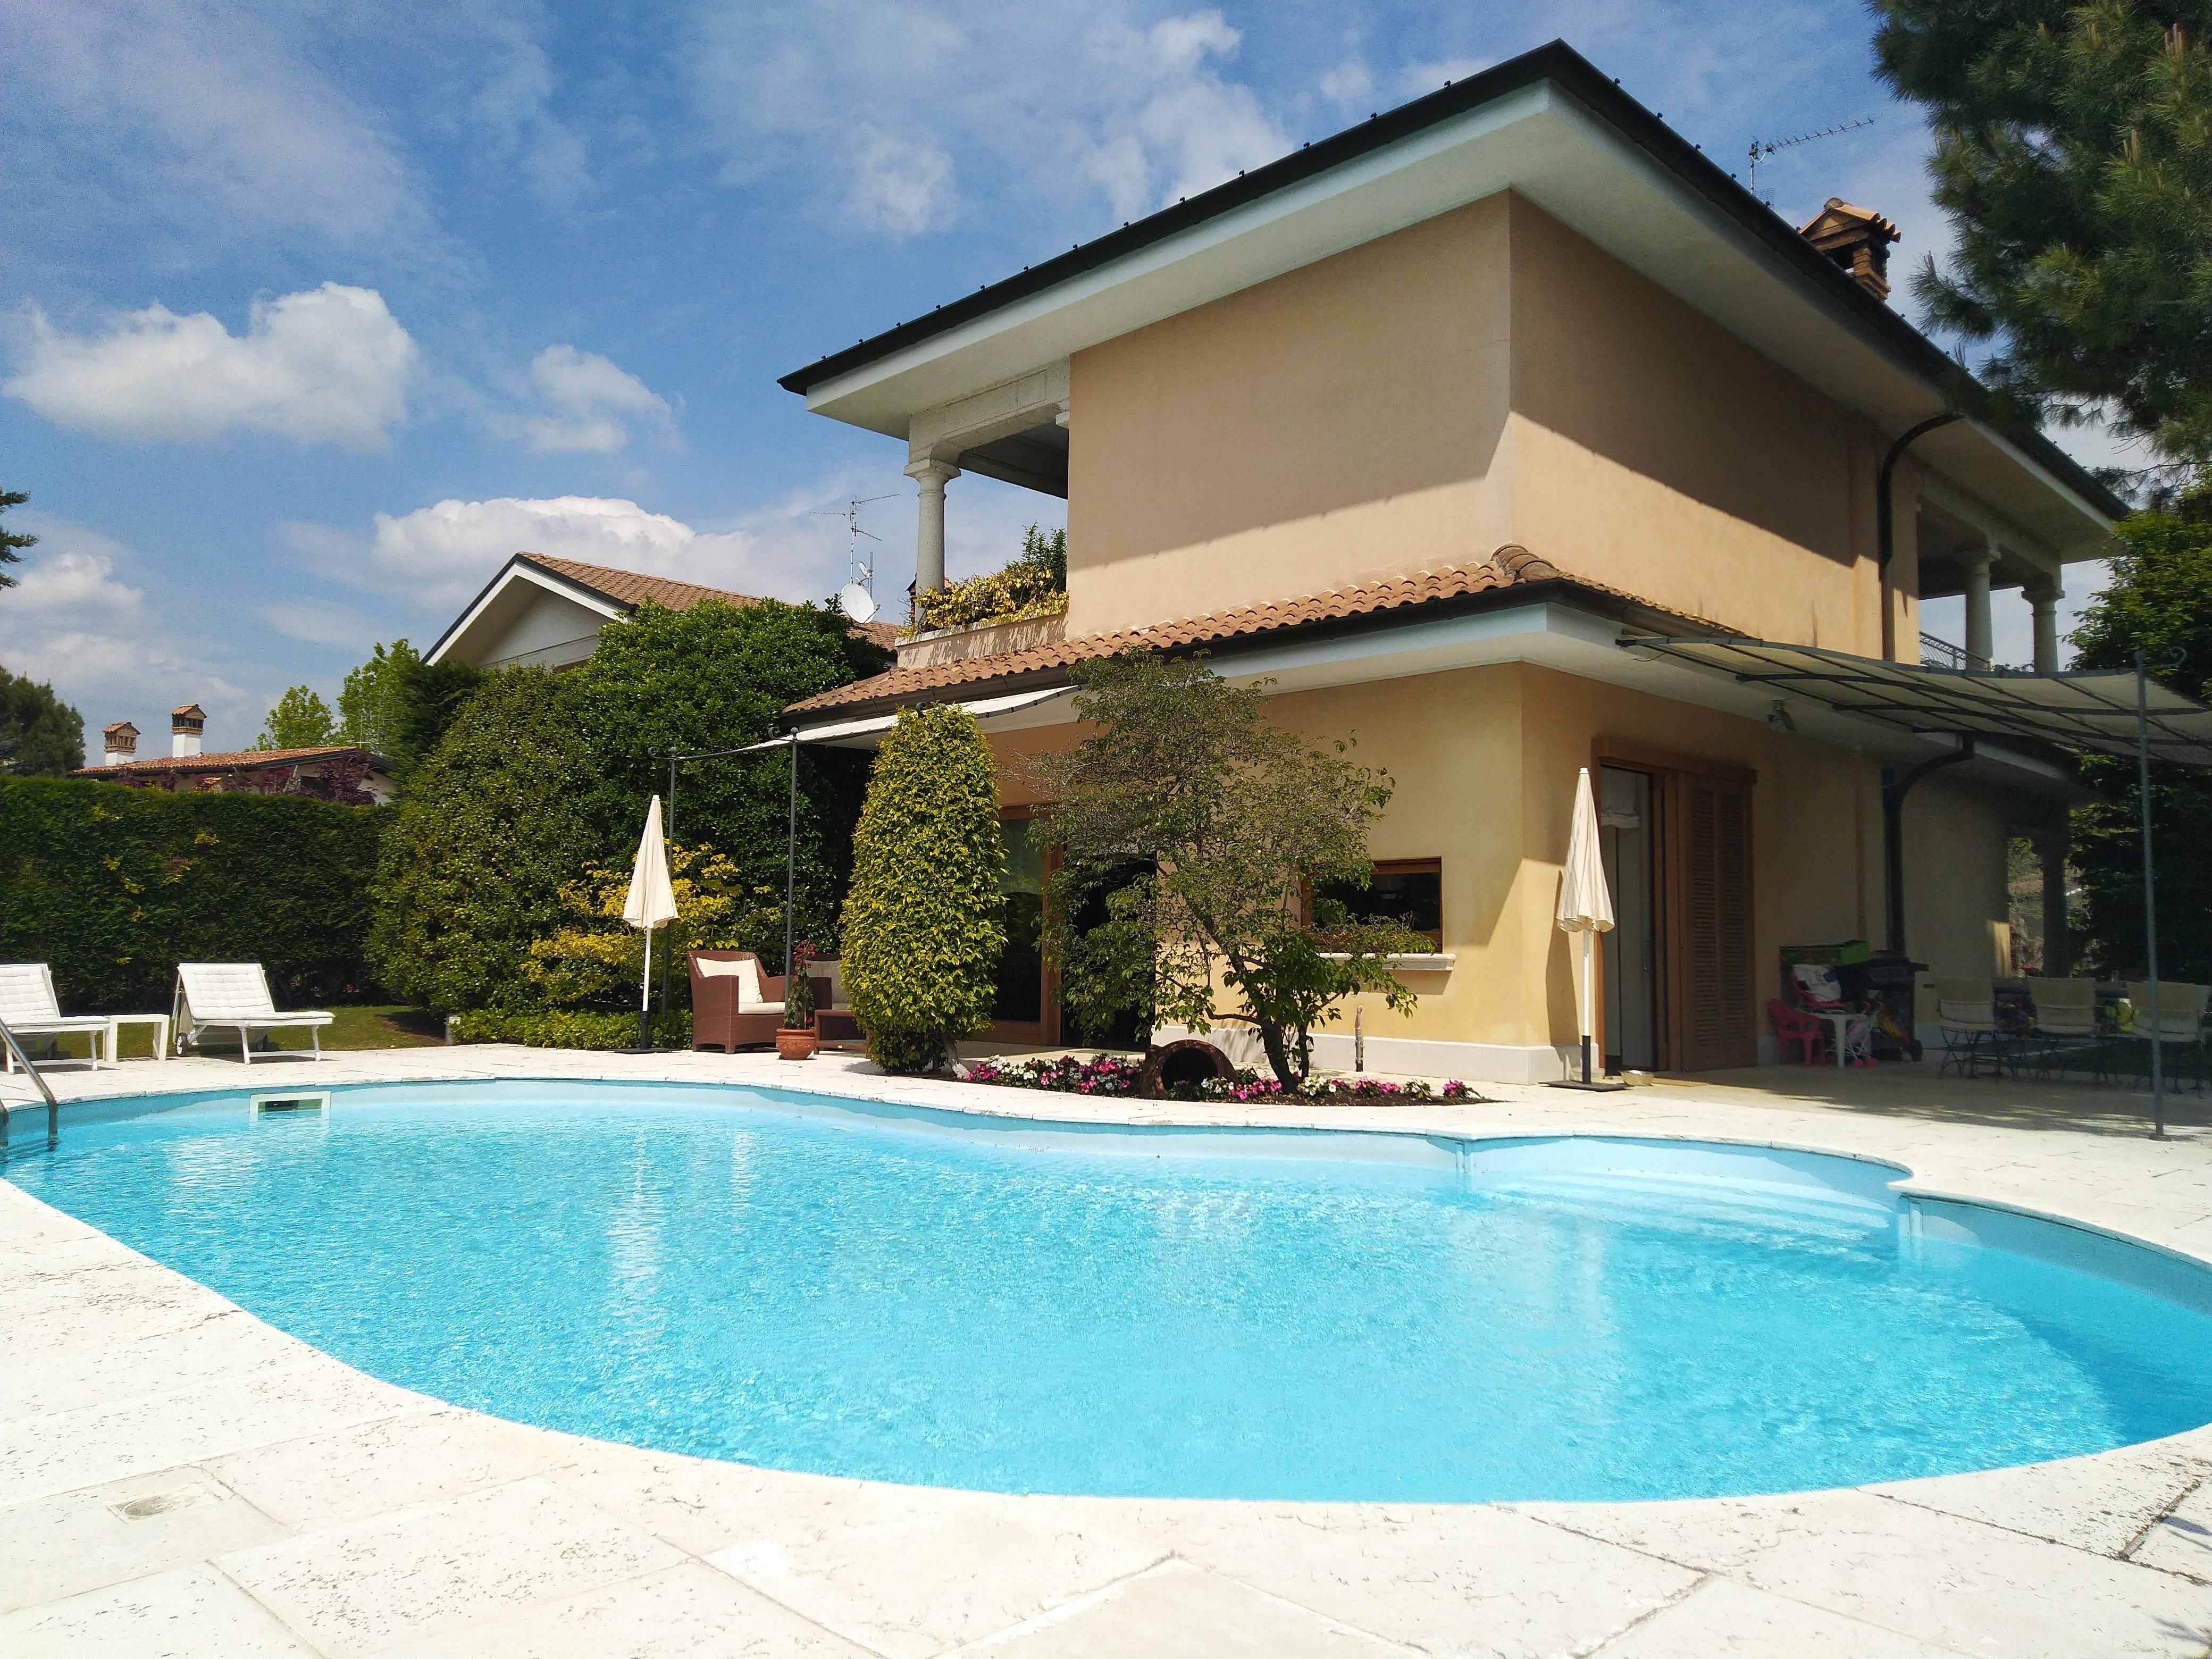 Carugo : Villa singola con piscina